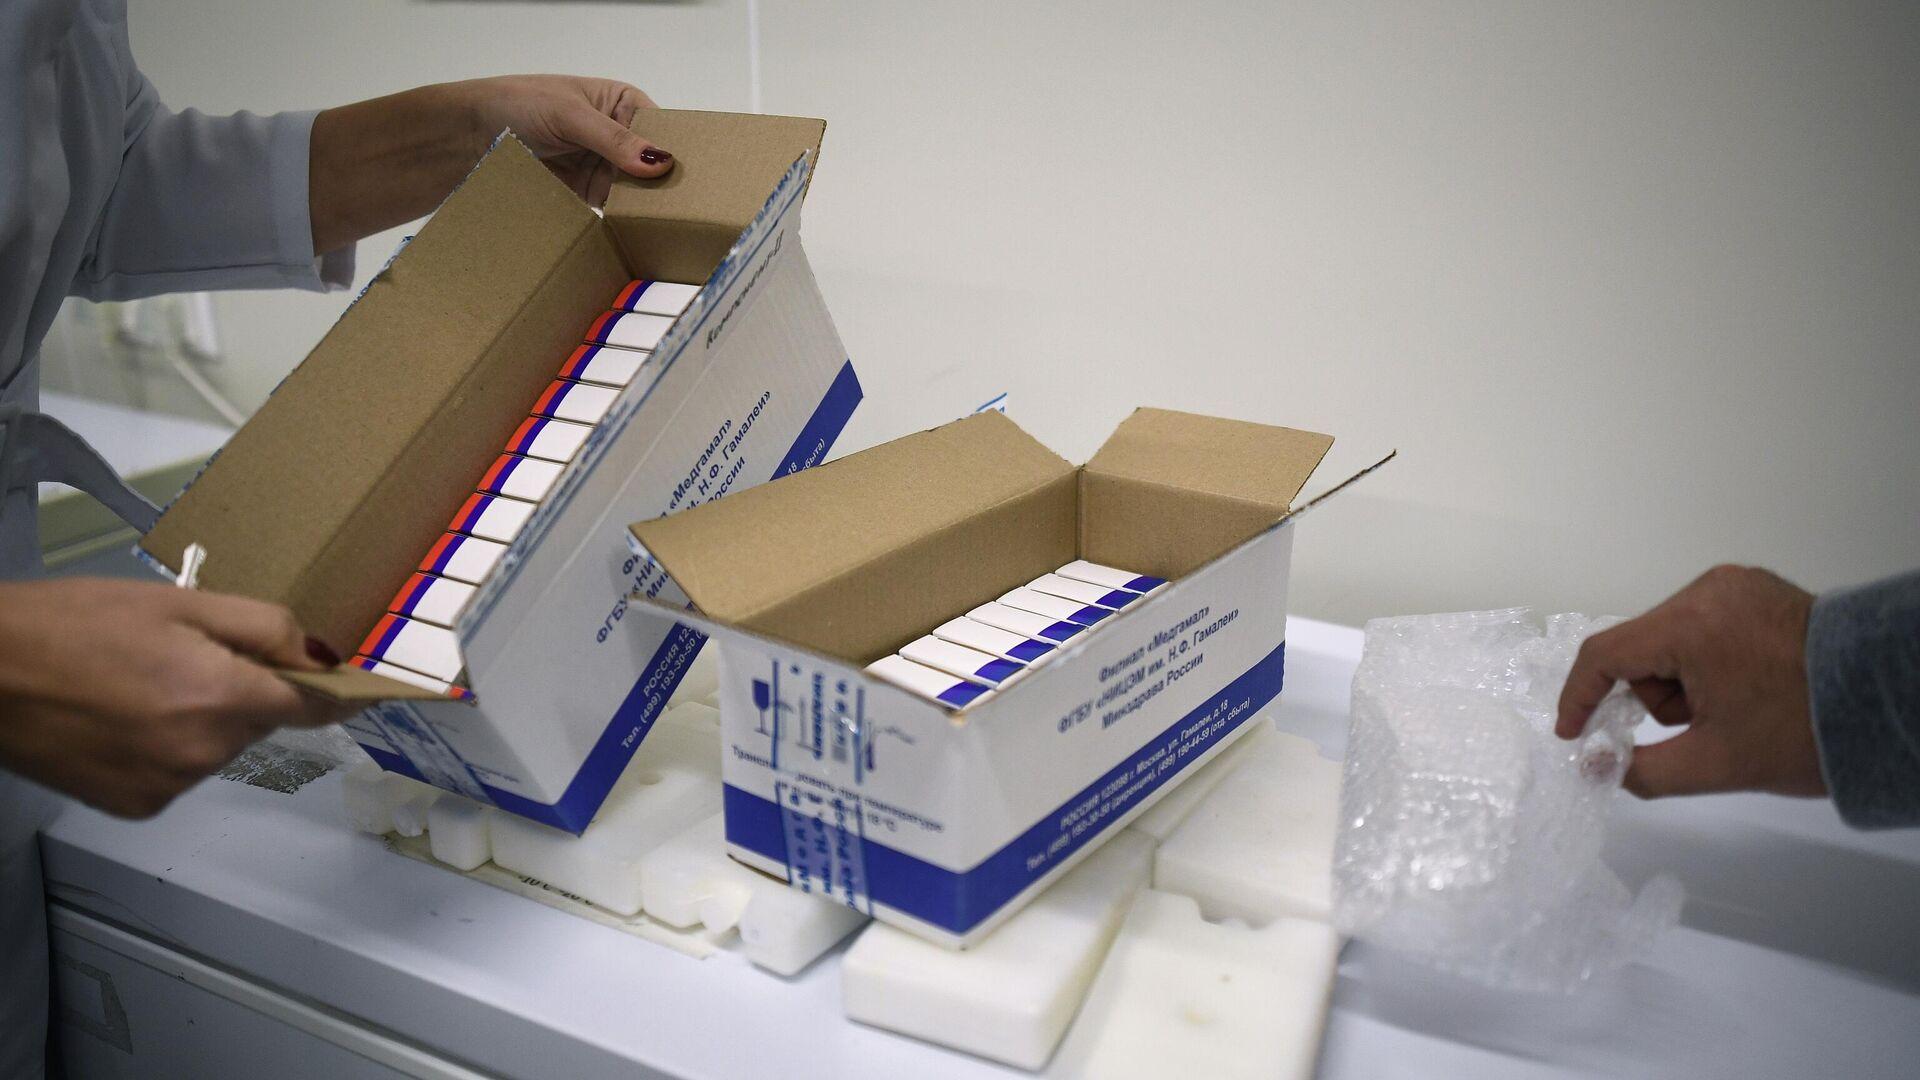 Сотрудница упаковывает вакцину Гам-КОВИД-Вак (торговая марка Спутник V) для отправки за границу - РИА Новости, 1920, 27.01.2021